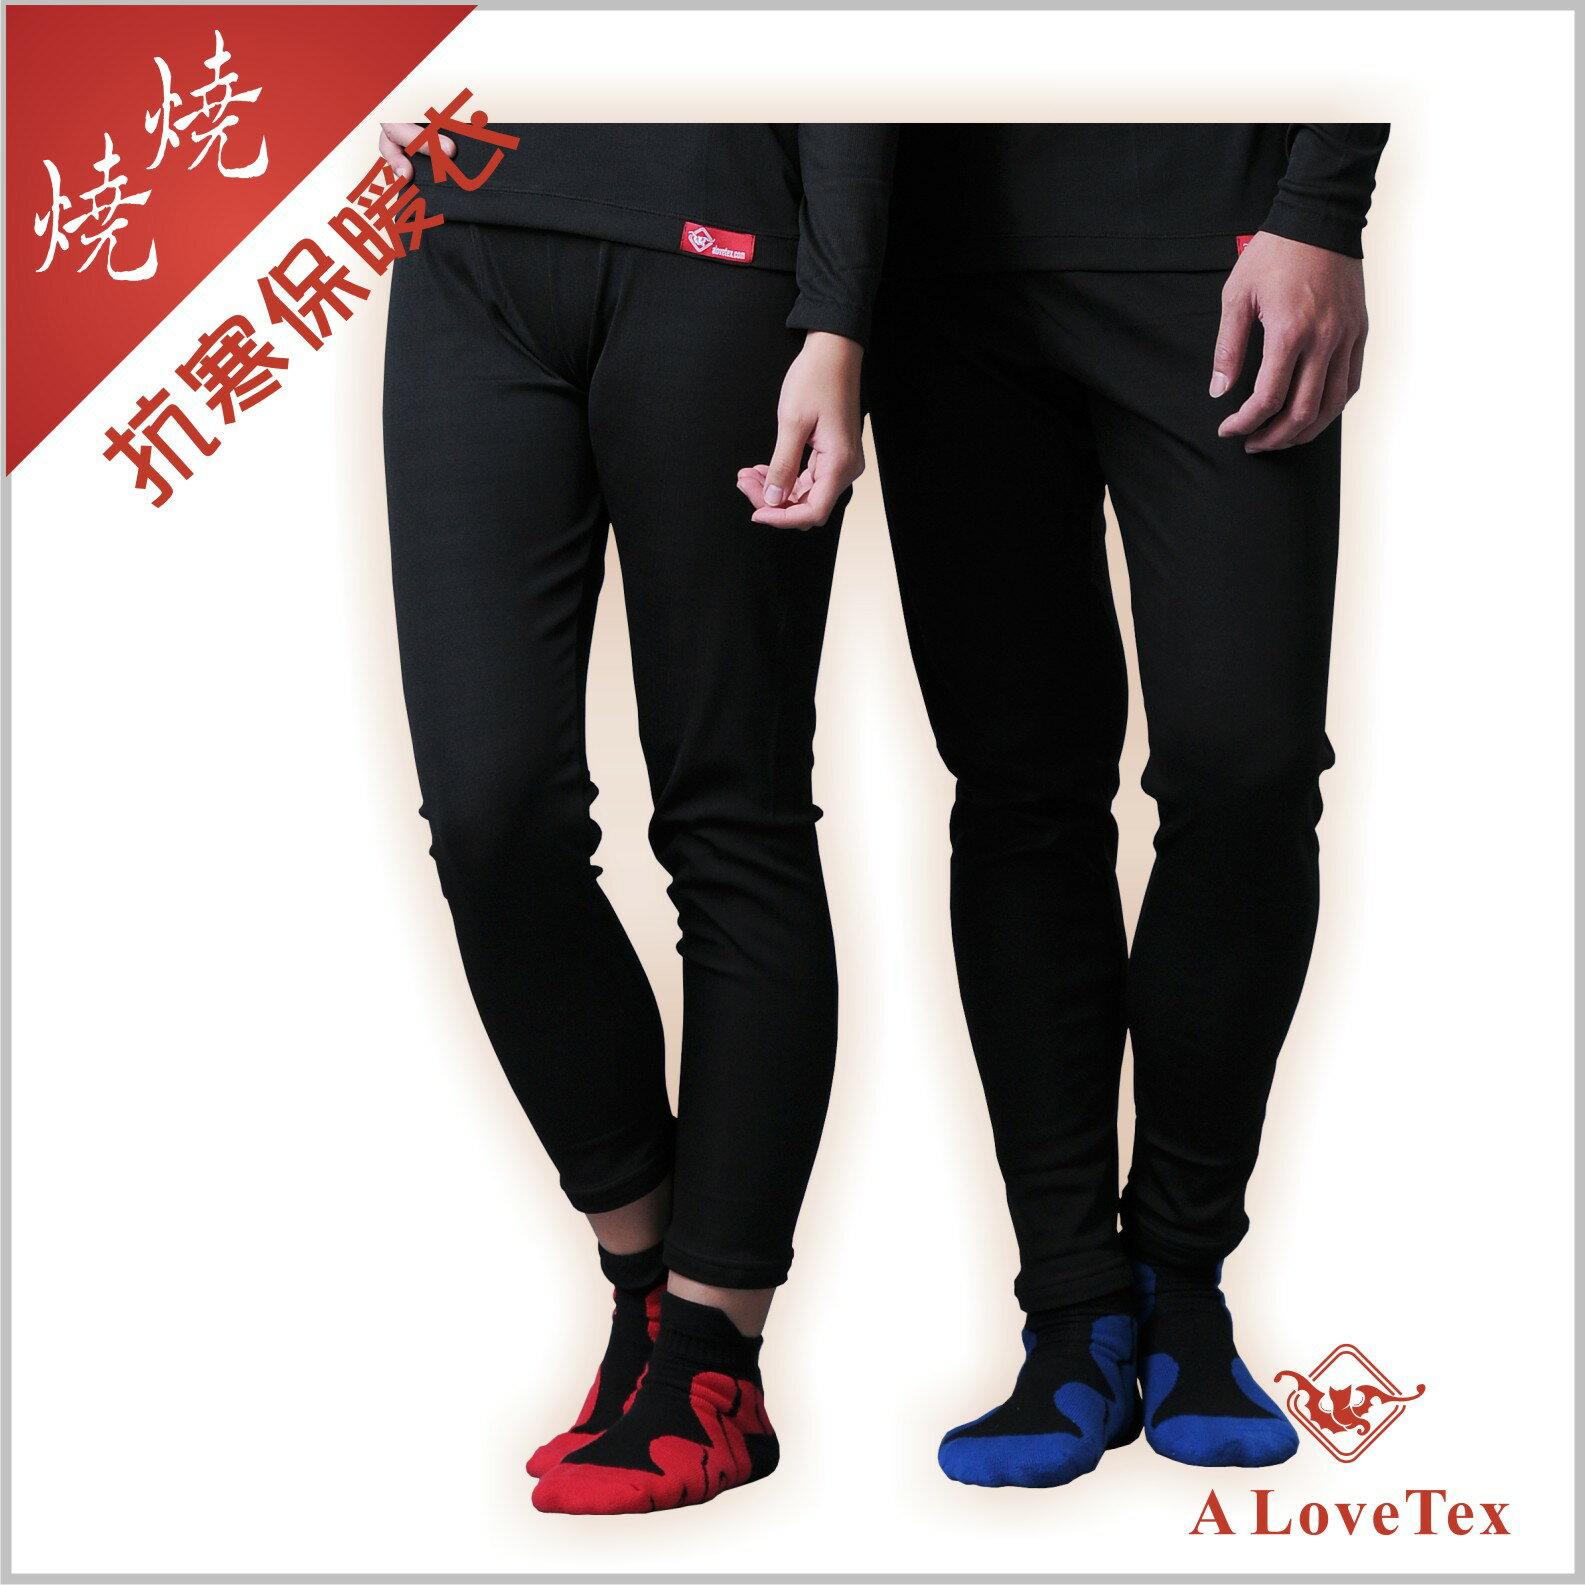 ~樂福織品~男女 – 黑色 – 燒燒抗寒保暖褲 – 輕、薄、暖 – 不只保暖,更能幫您冬三